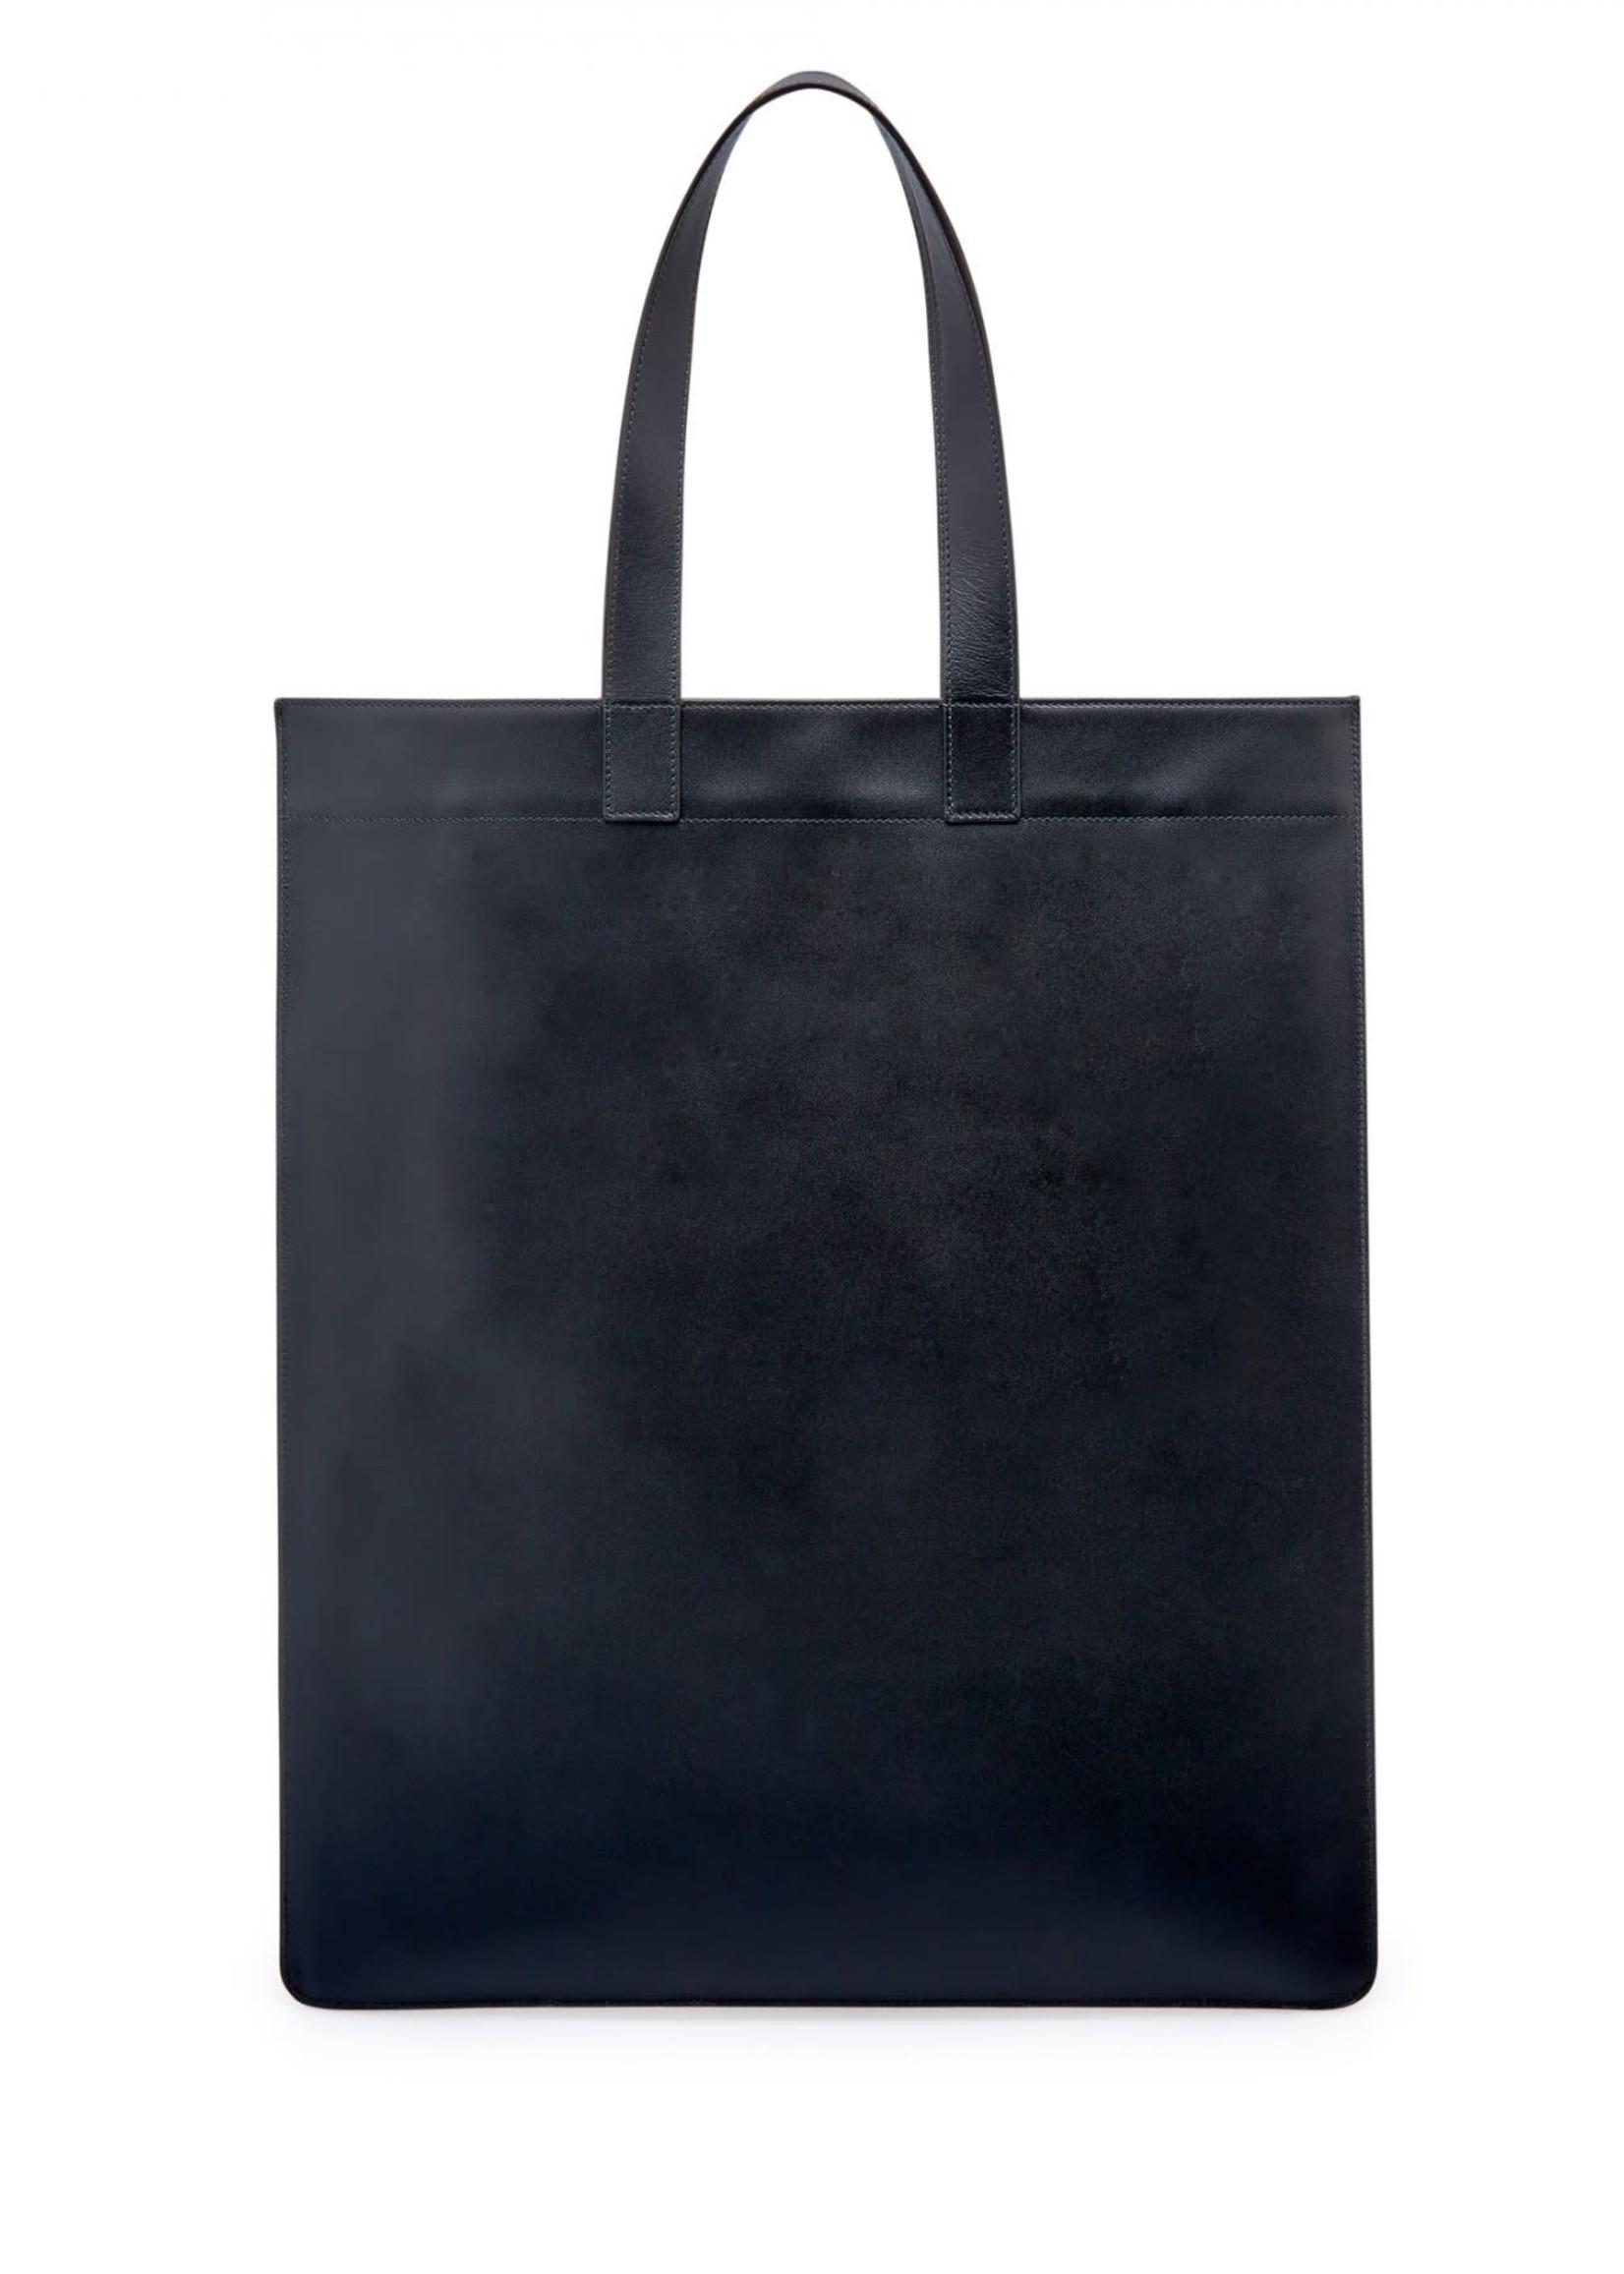 COMME des GARÇONS WALLET Comme des Garçons Classic Leather Tote in Black